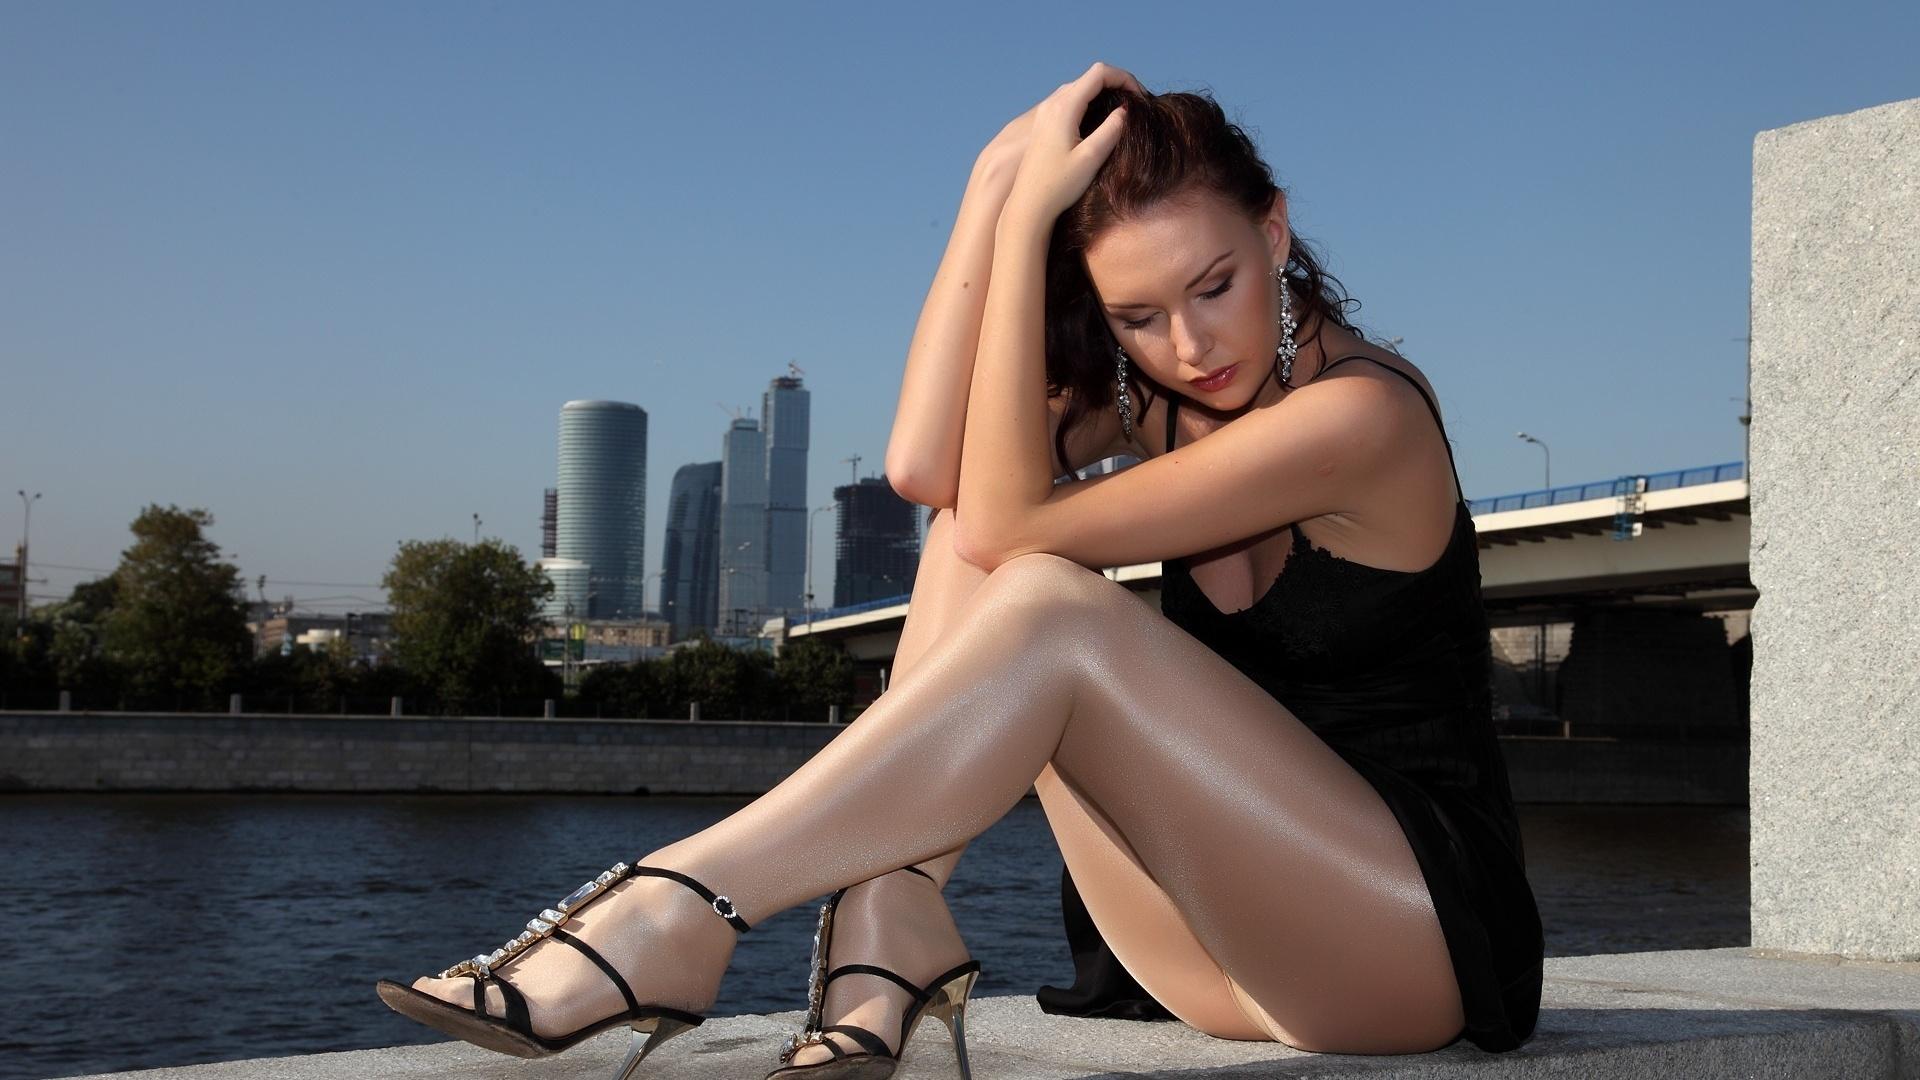 Обои - Девушка в колготках на мосту, красивые картинки, фото, заставки